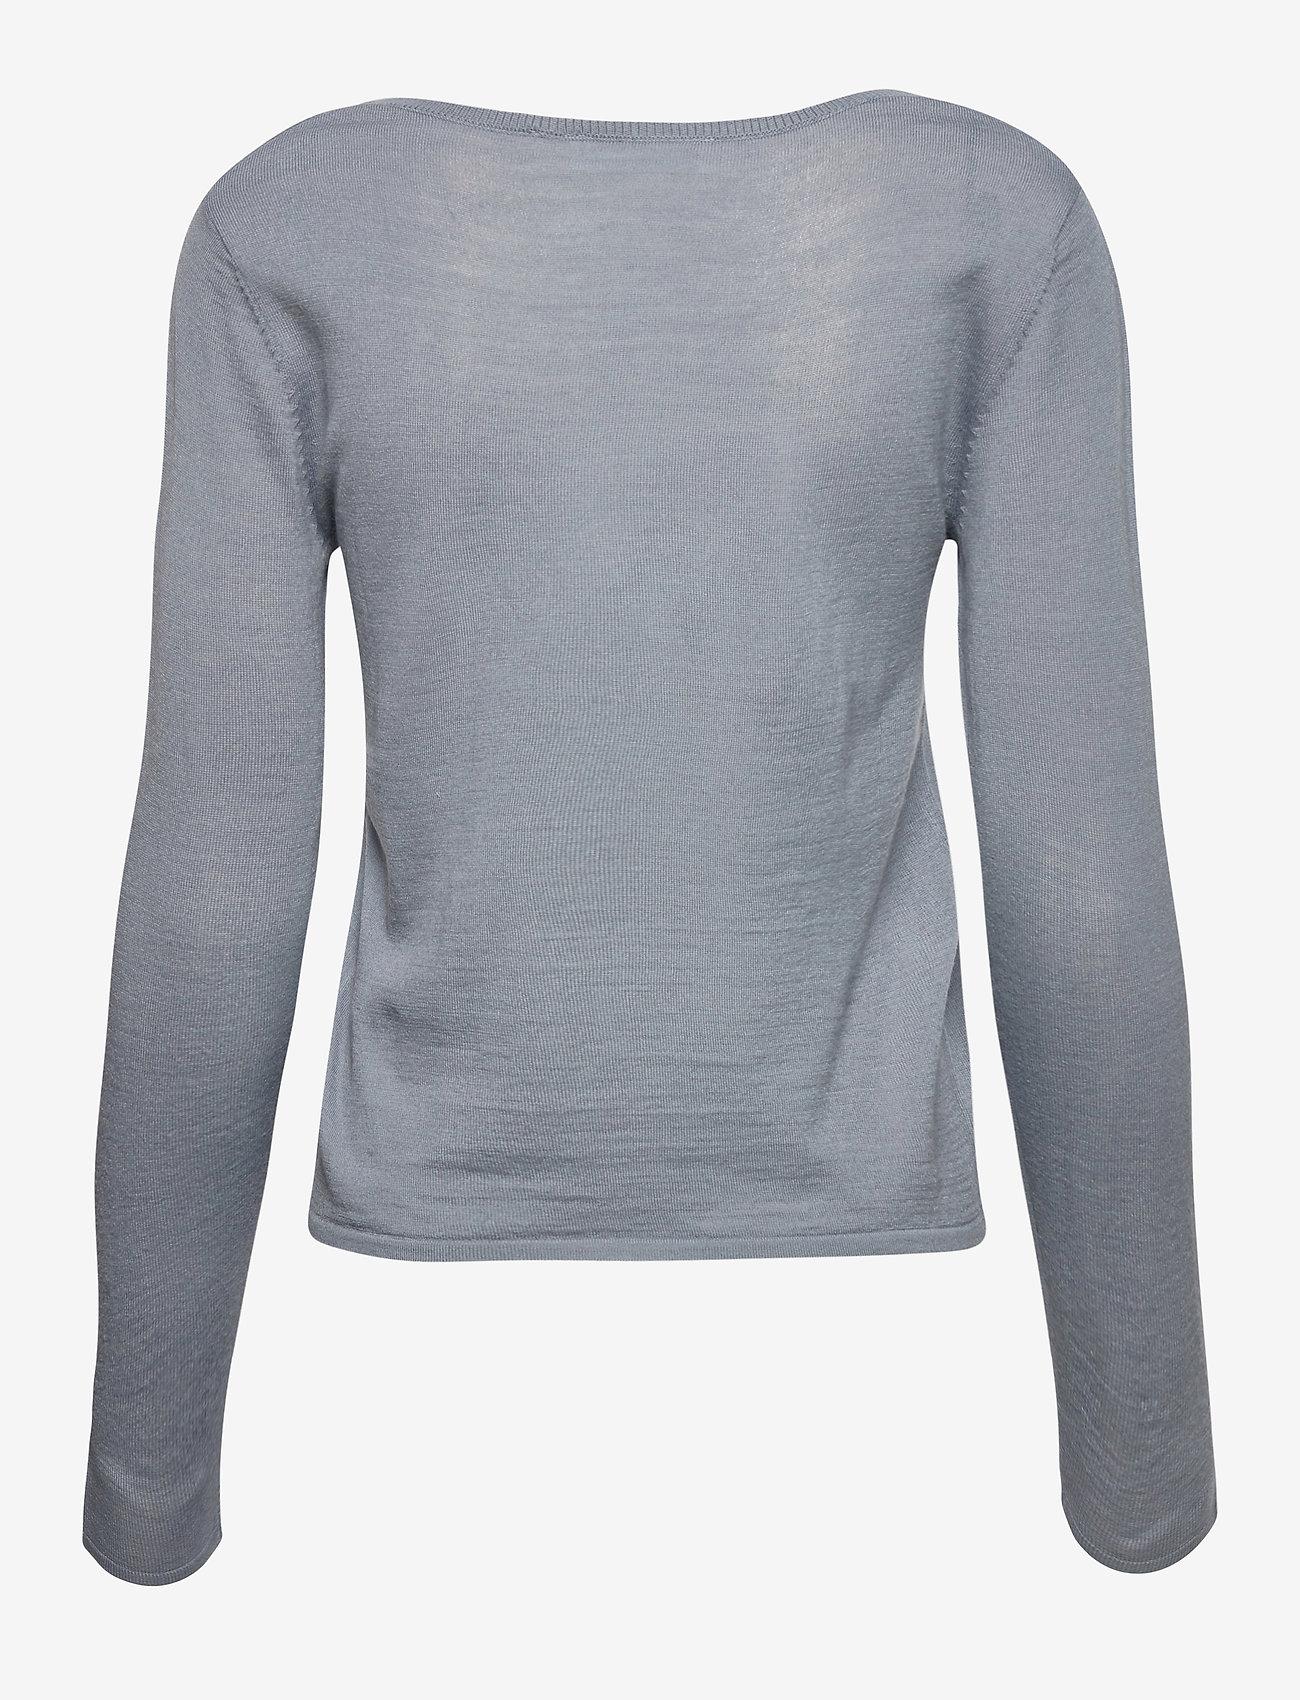 Rosemunde - Merino pullover ls - tröjor - mist - 1